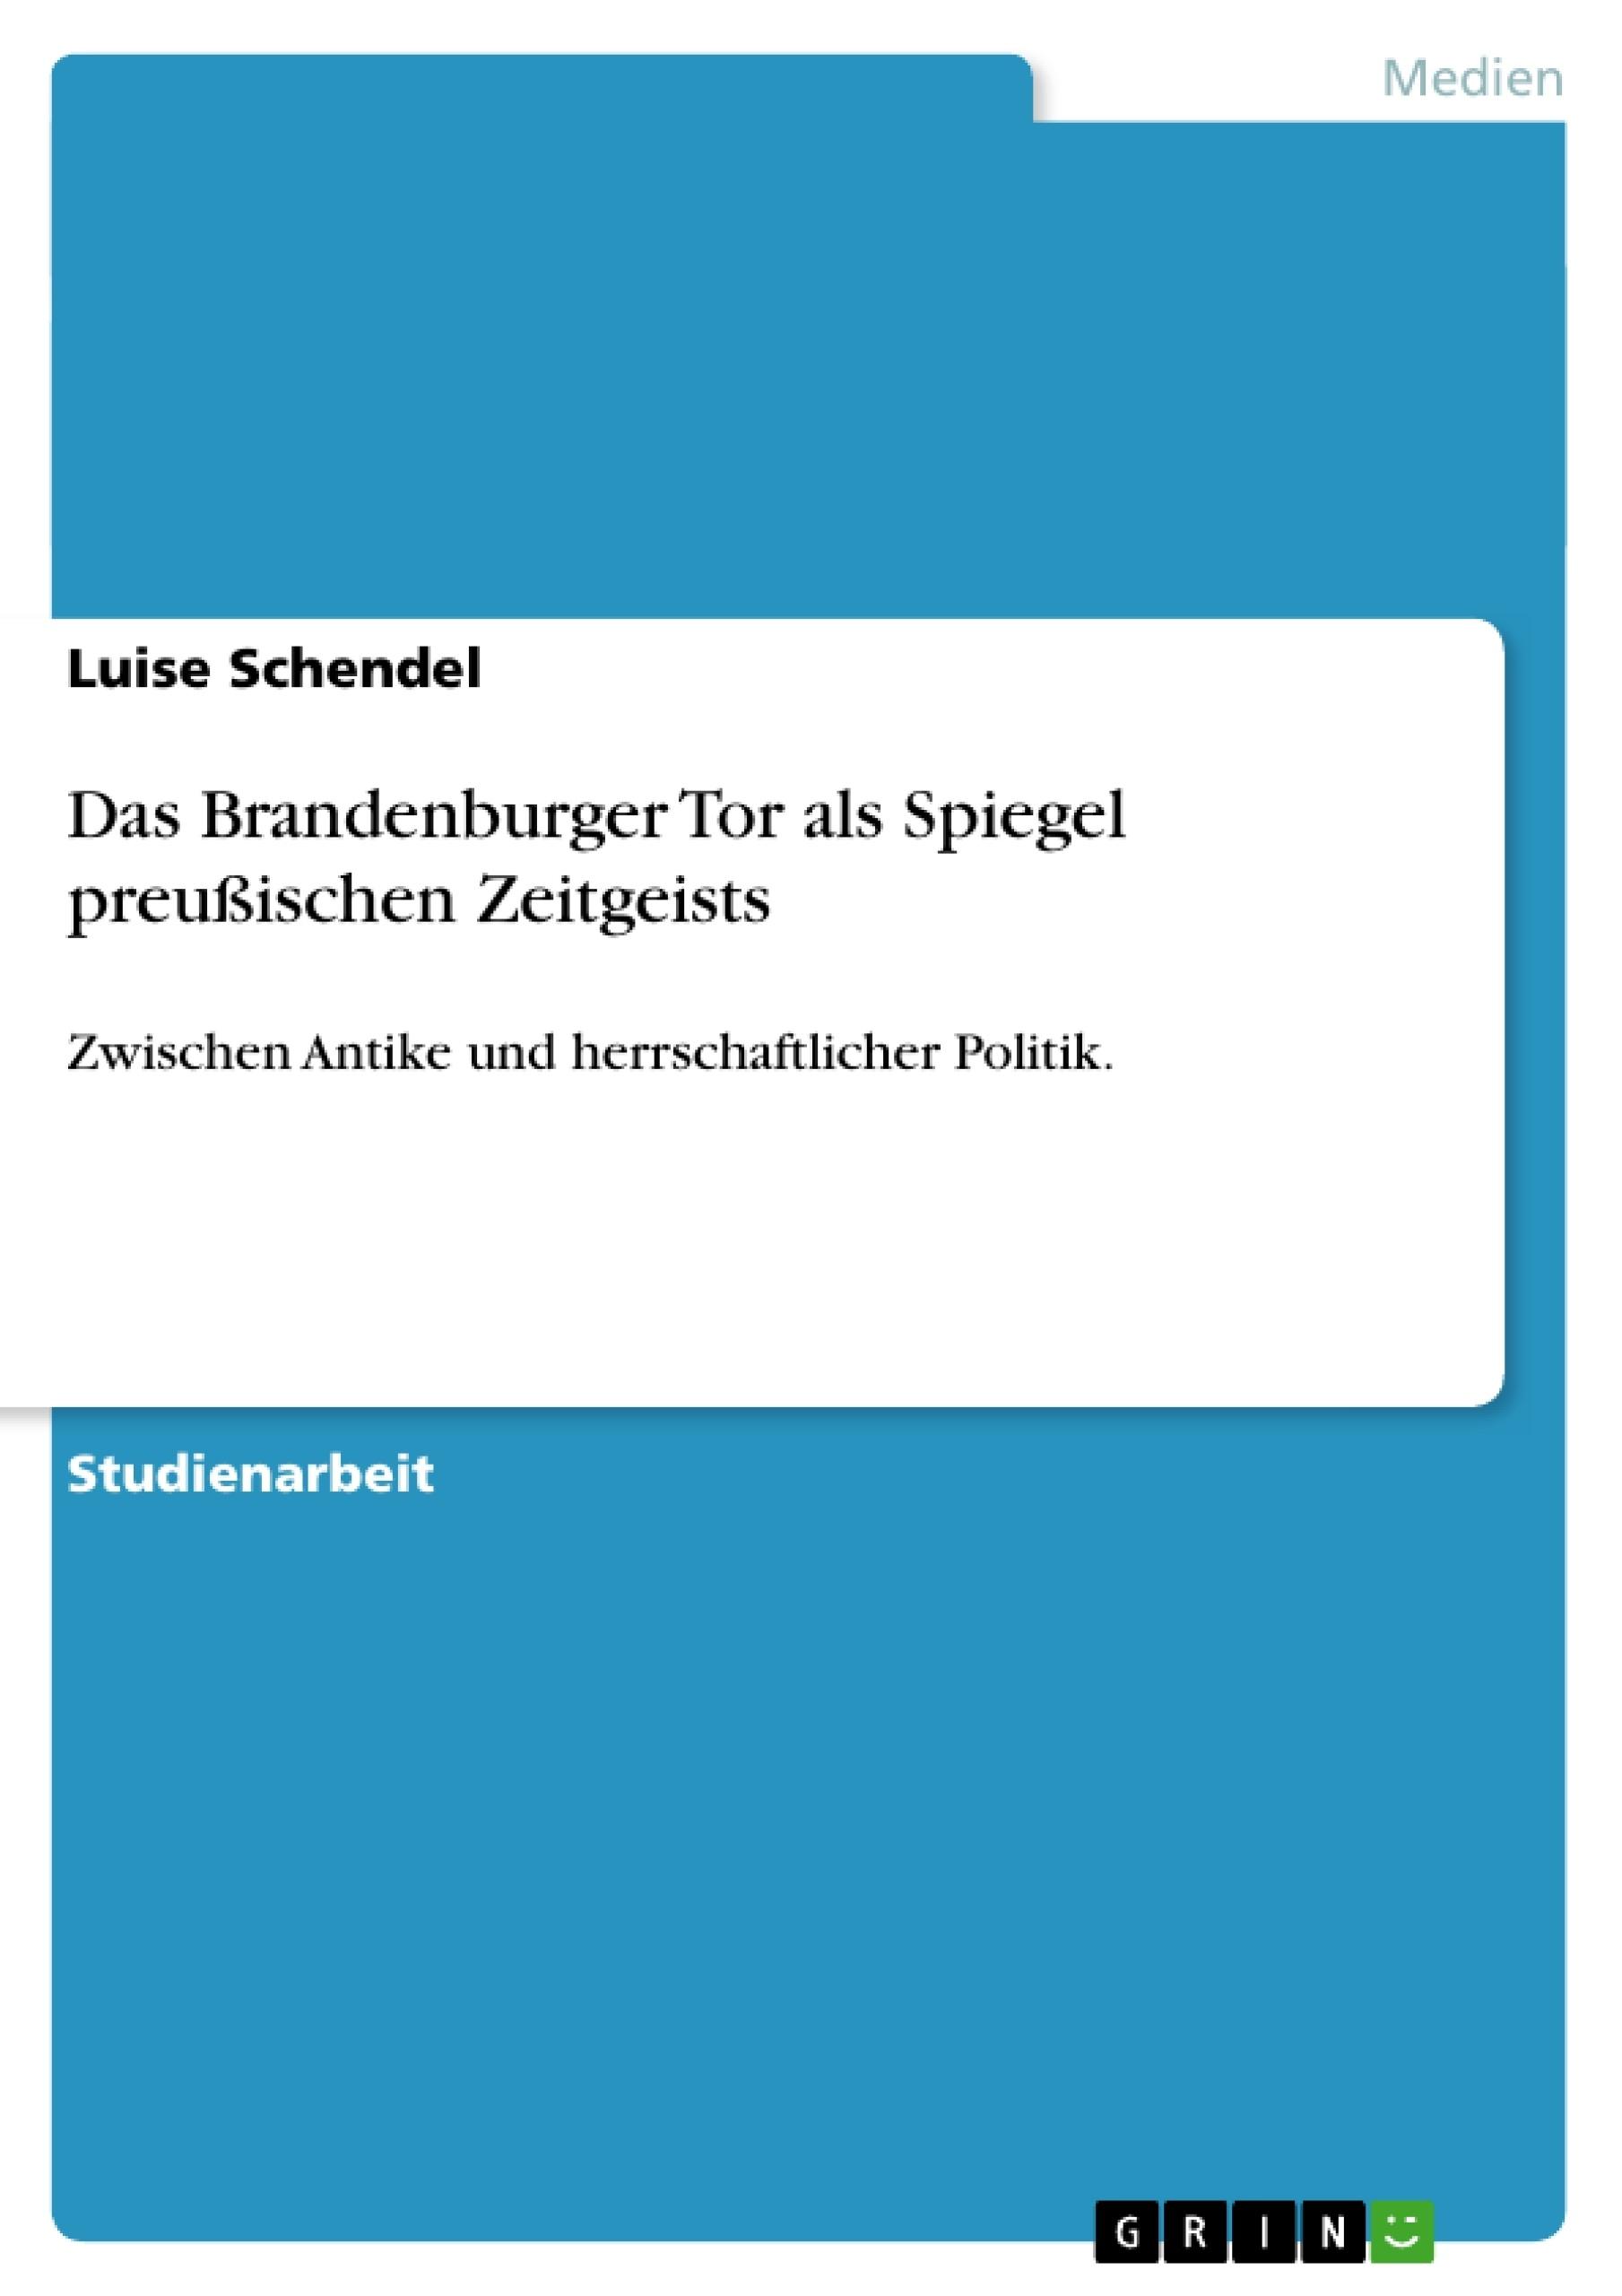 Titel: Das Brandenburger Tor als Spiegel preußischen Zeitgeists